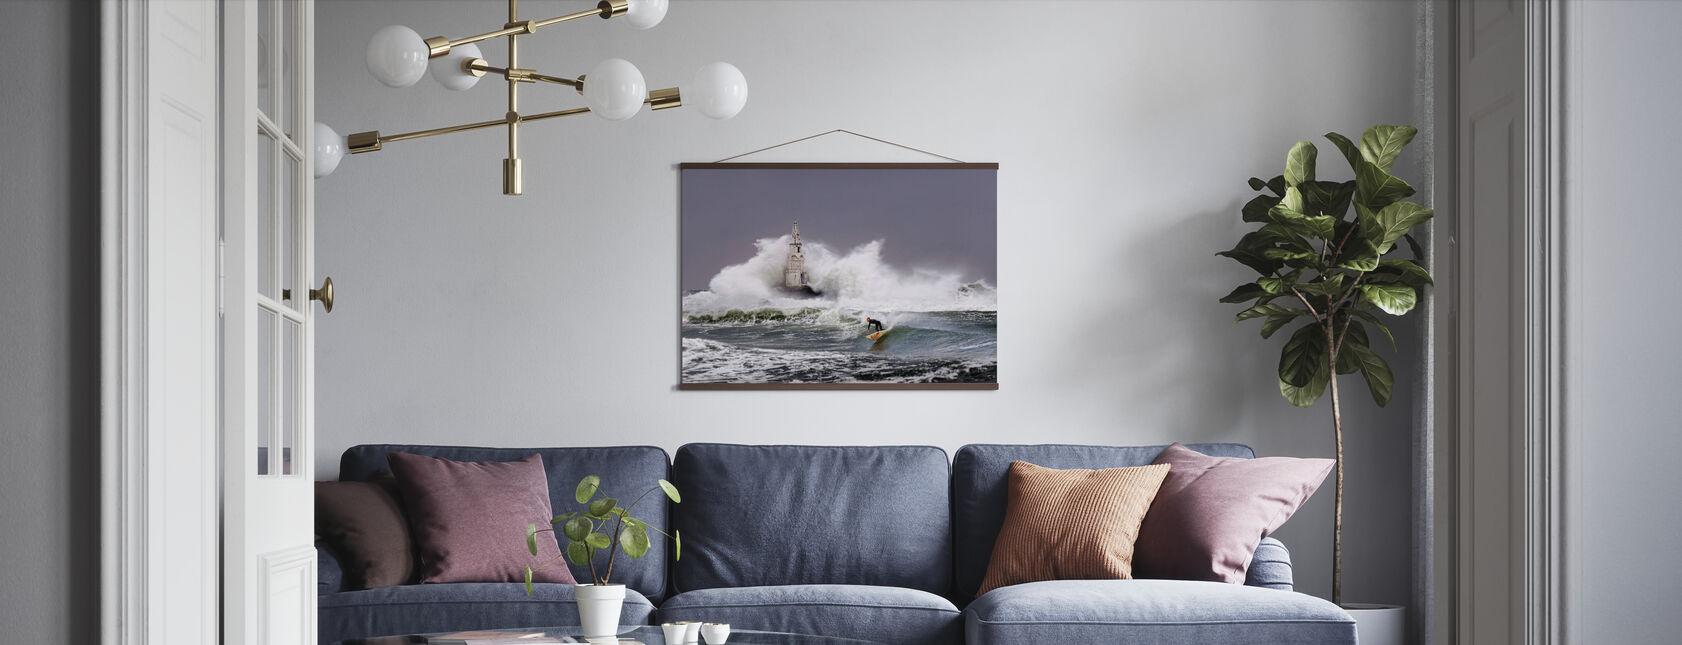 Vuurtoren Surfer - Poster - Woonkamer